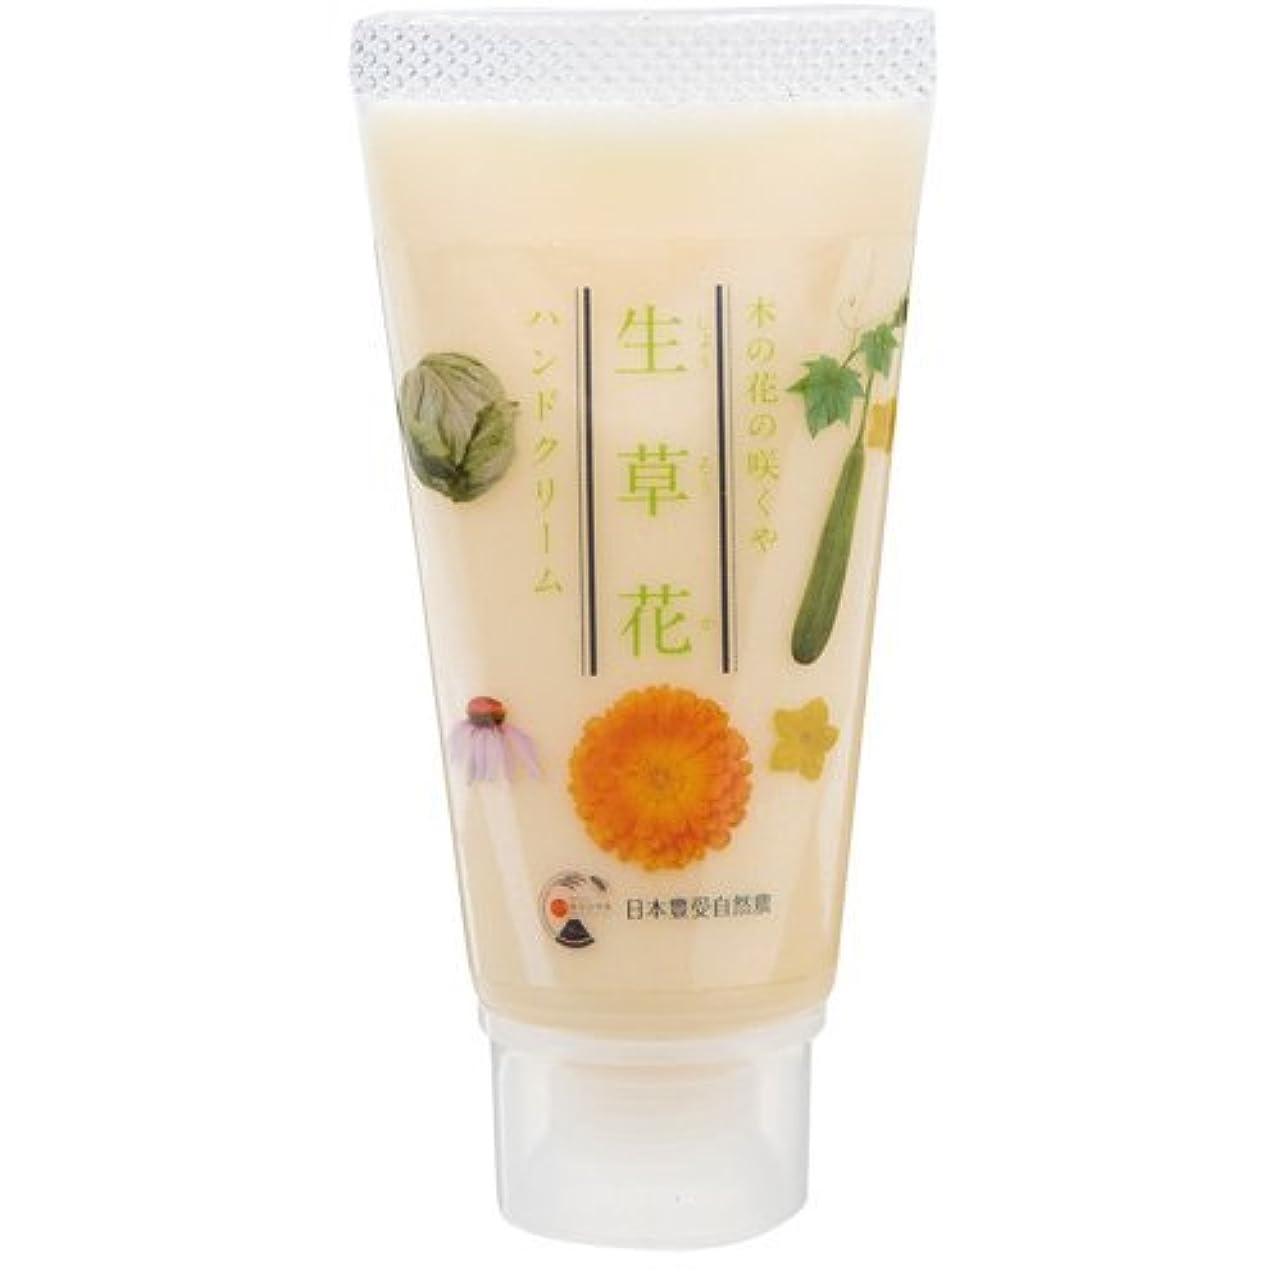 水陸両用クアッガ将来の日本豊受自然農 木の花の咲くや 生草花 ハンドクリーム 30g